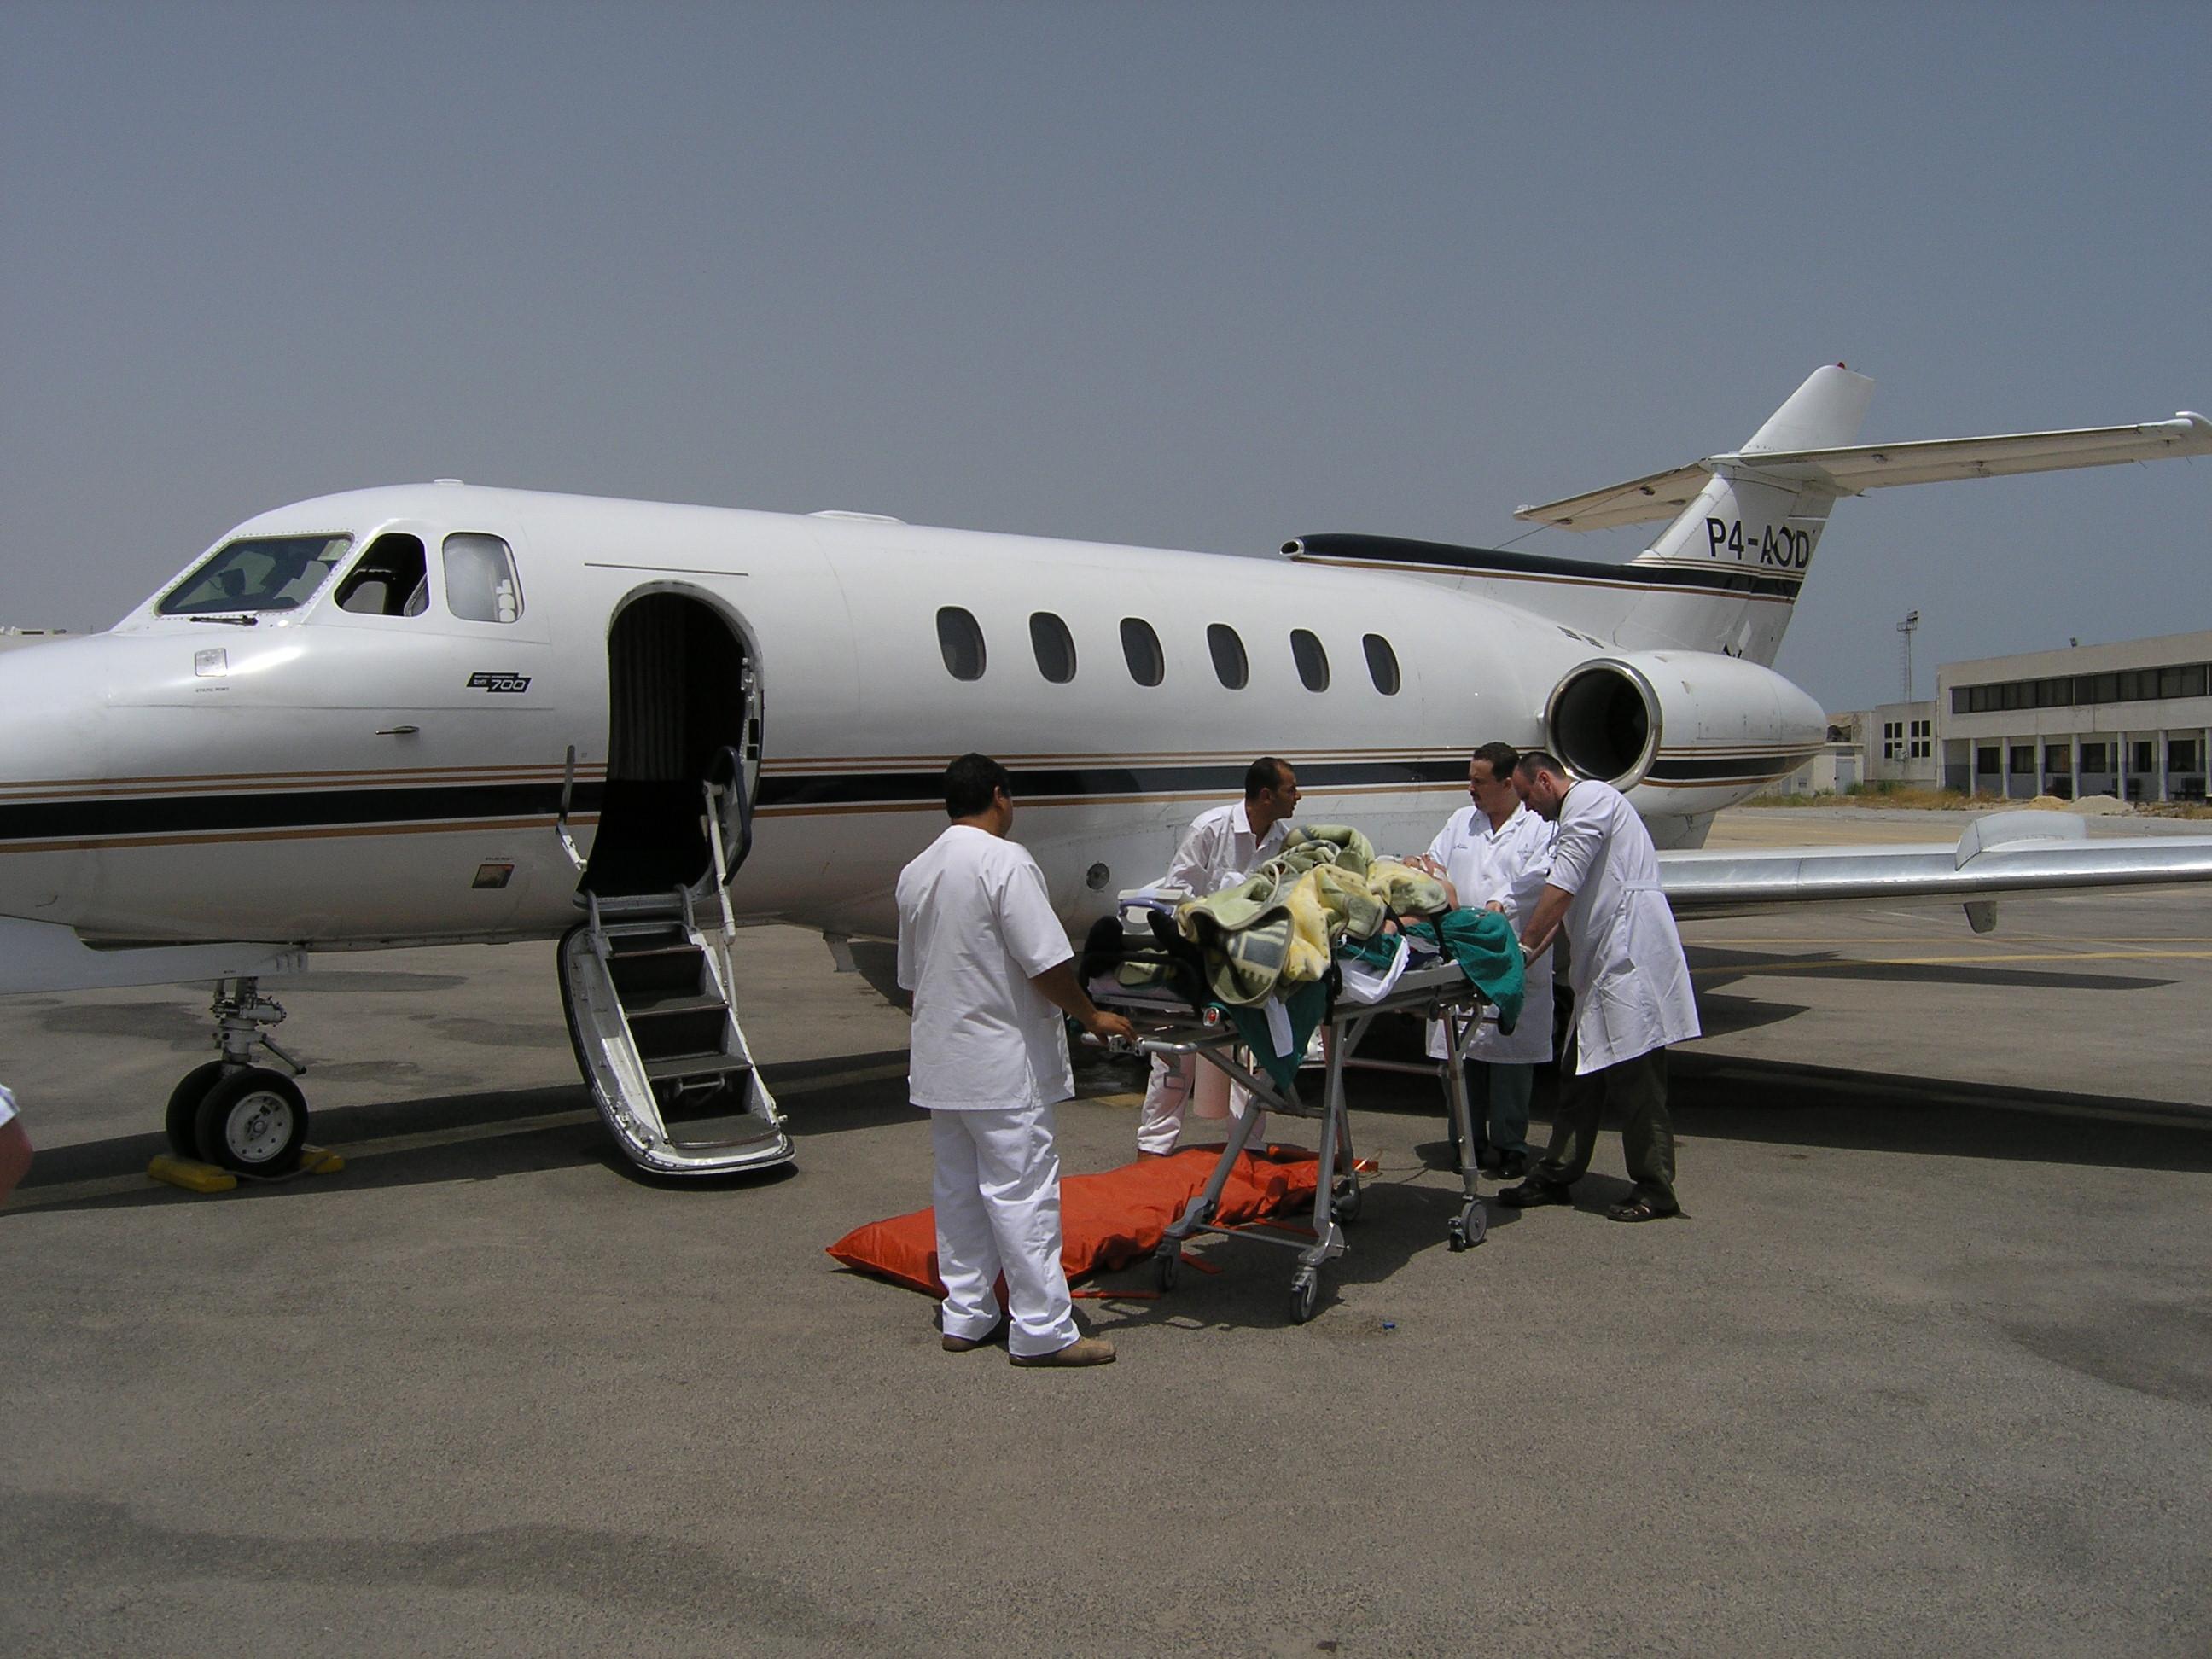 Транспортировка пациента из г. Орехово-Зуево в Москву